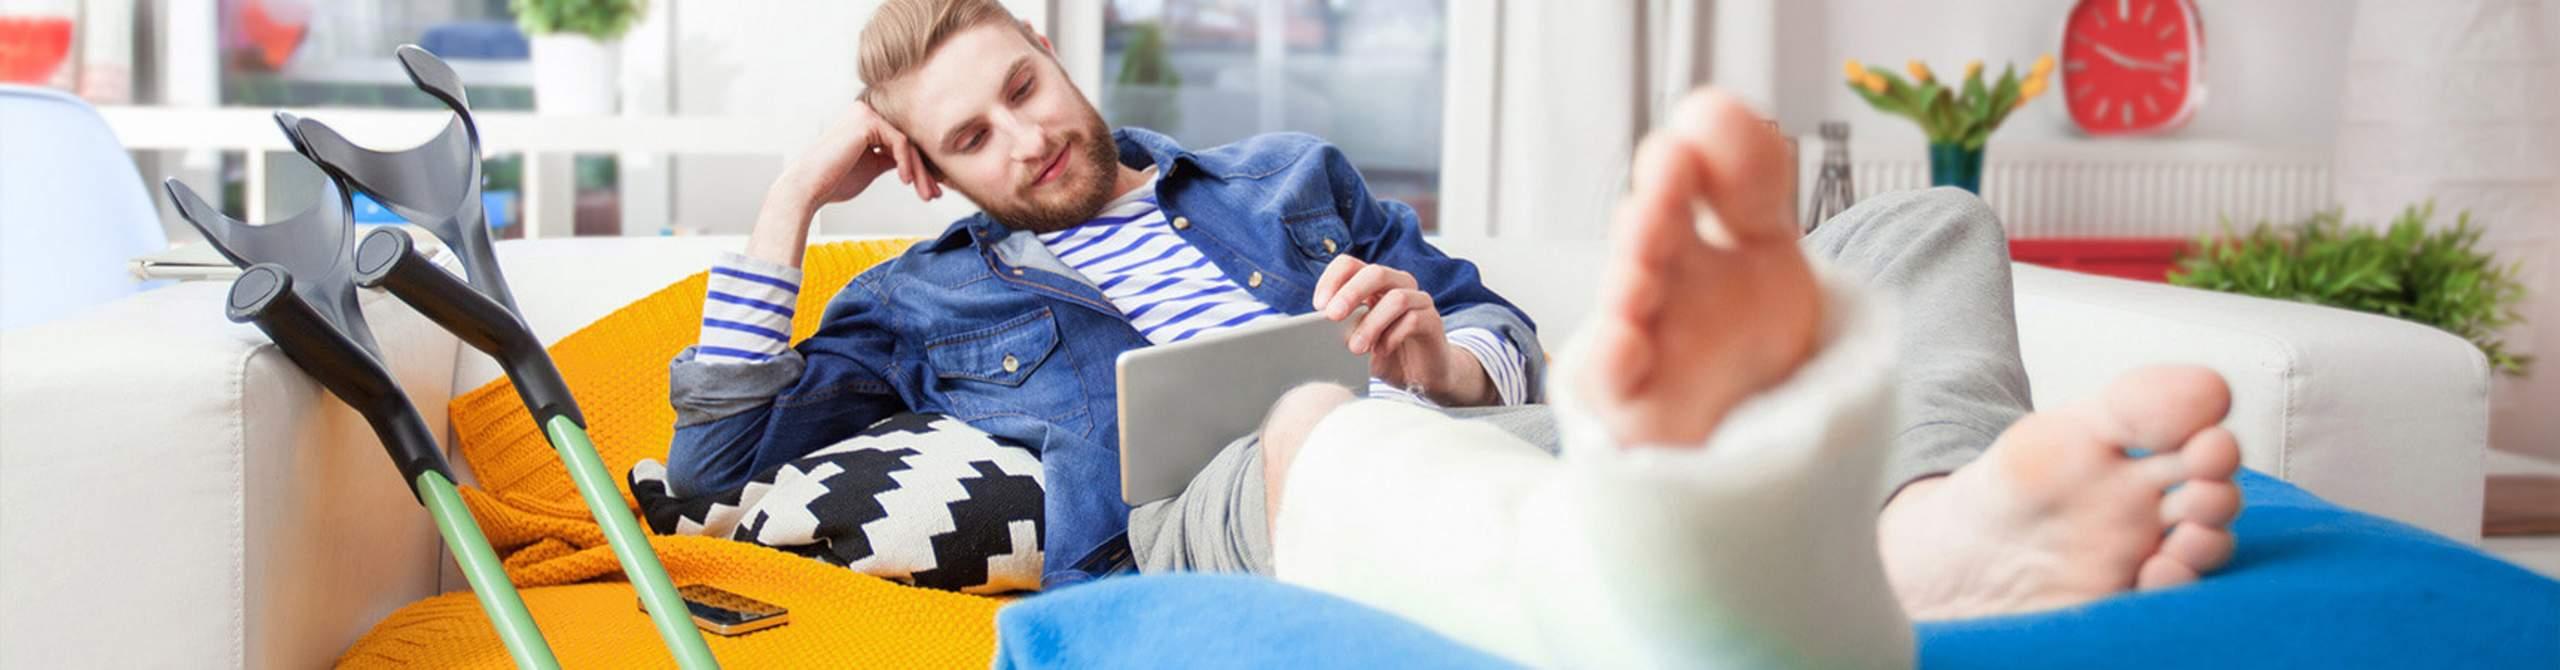 Mann mit Gipsbein schaut lächelnd auf ein Tablet.